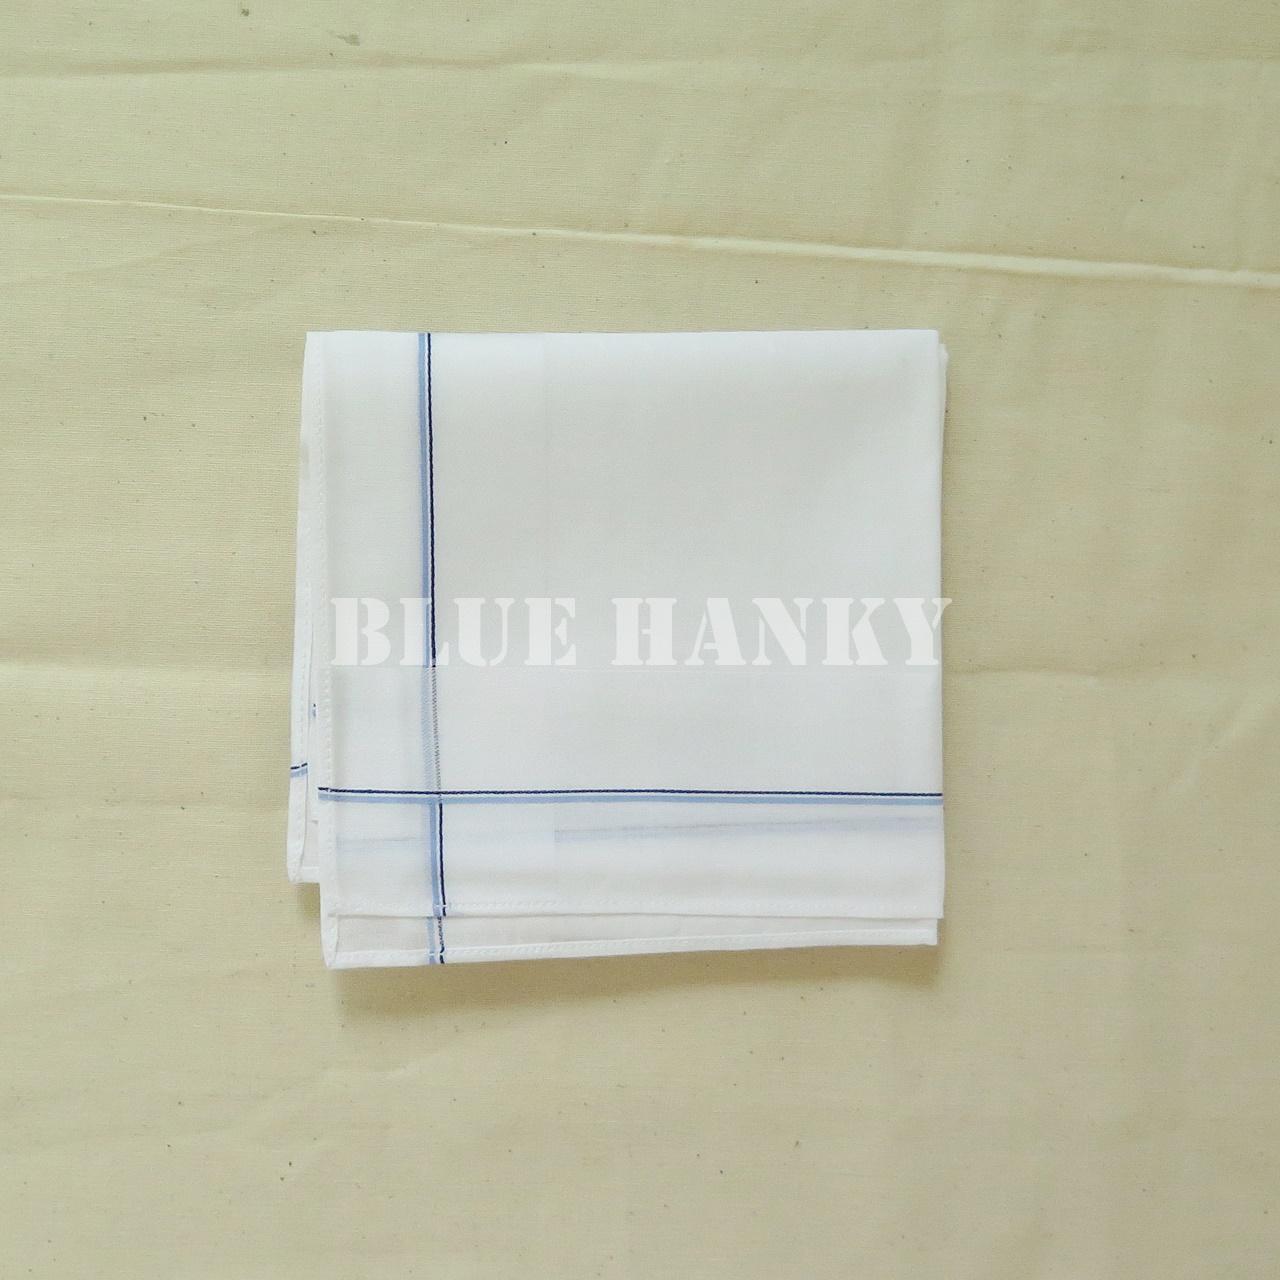 ผ้าเช็ดหน้าผู้ชายอย่างดี สีขาวขอบเส้นเล็กสีฟ้า